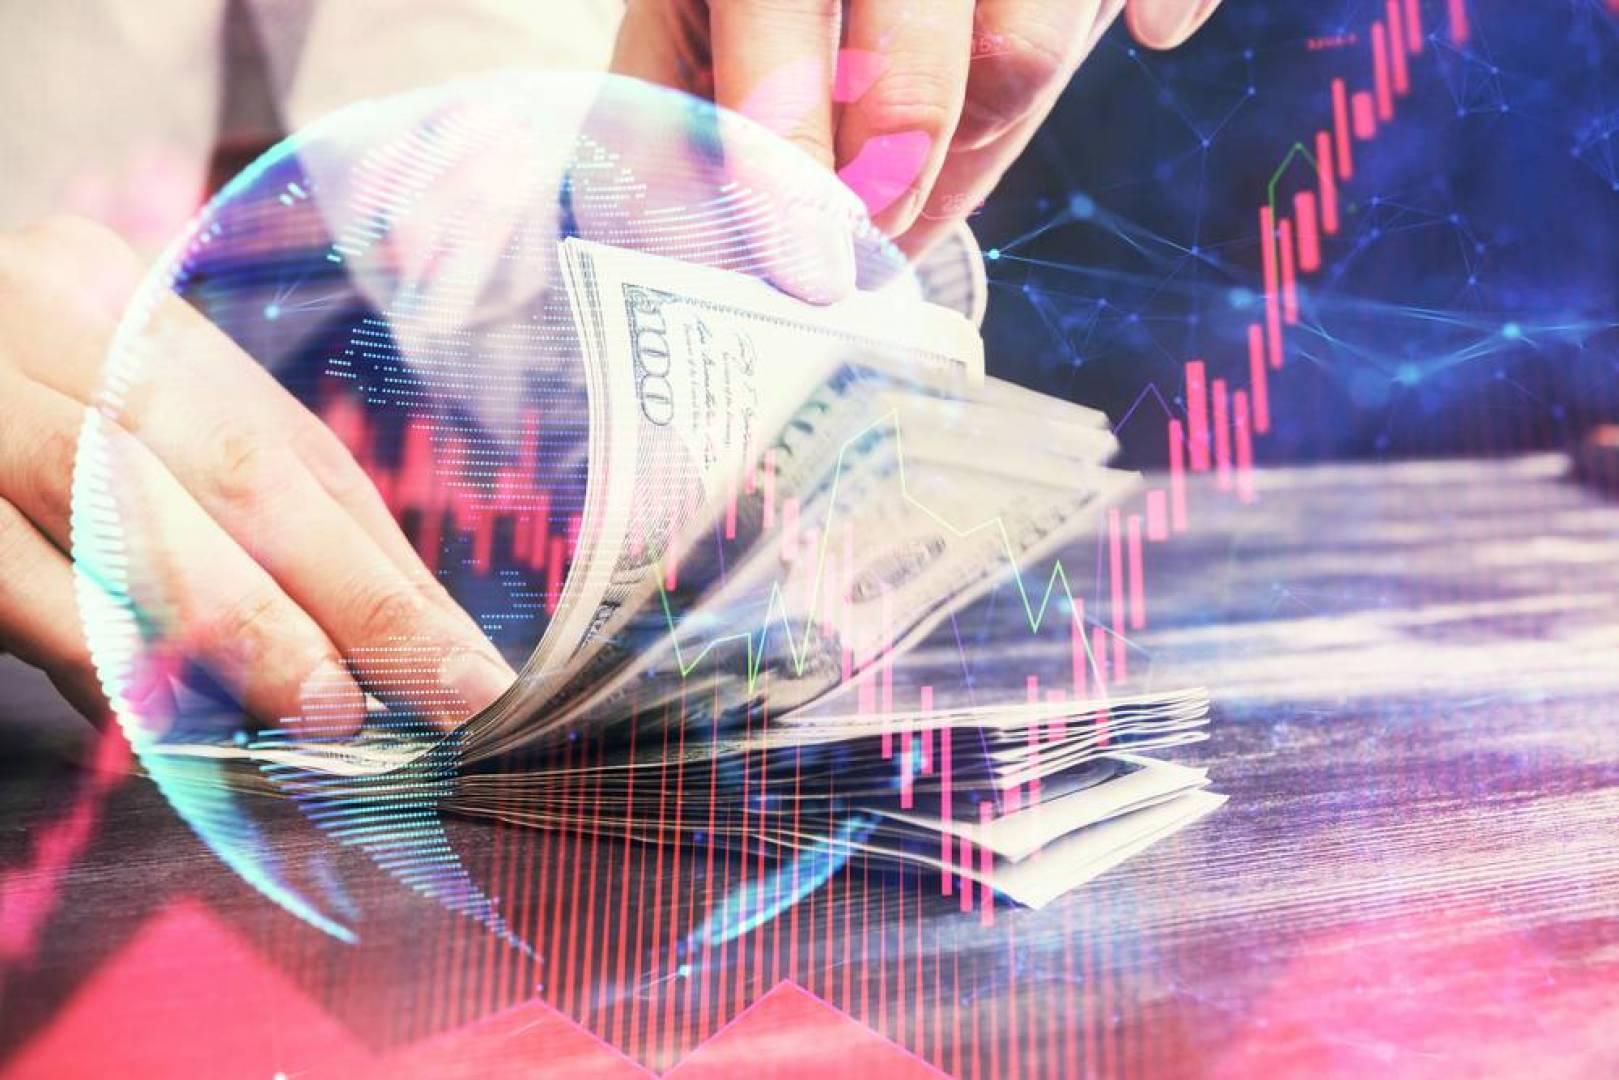 كورونا يُحمّل الشركات العالمية أعباء ديون جديدة.. بنحو تريليون دولار في 2020